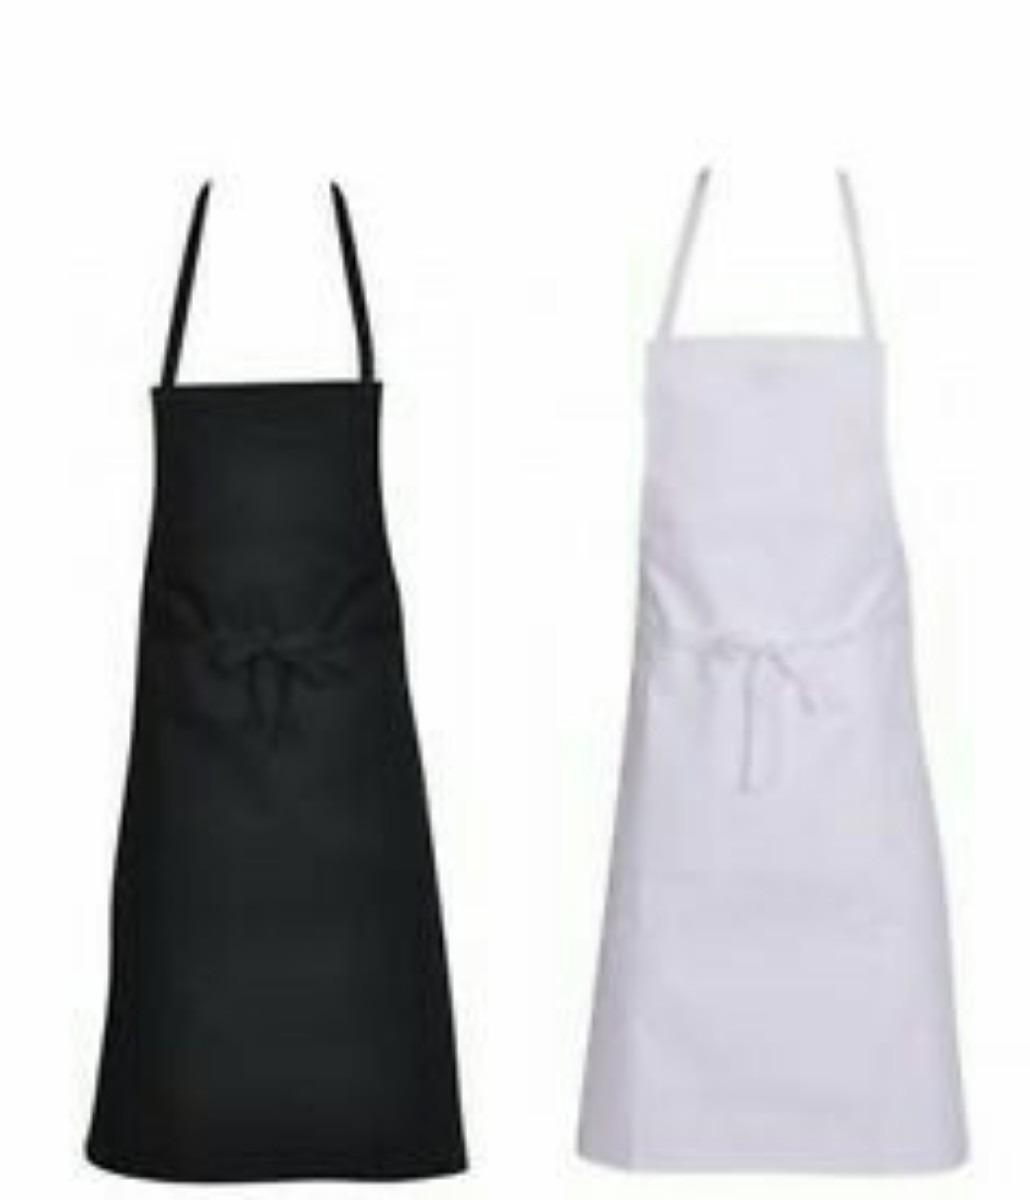 Delantales para chef modelos y colores a su gusto bs 480 00 en mercado libre - Modelos de delantales de cocina ...